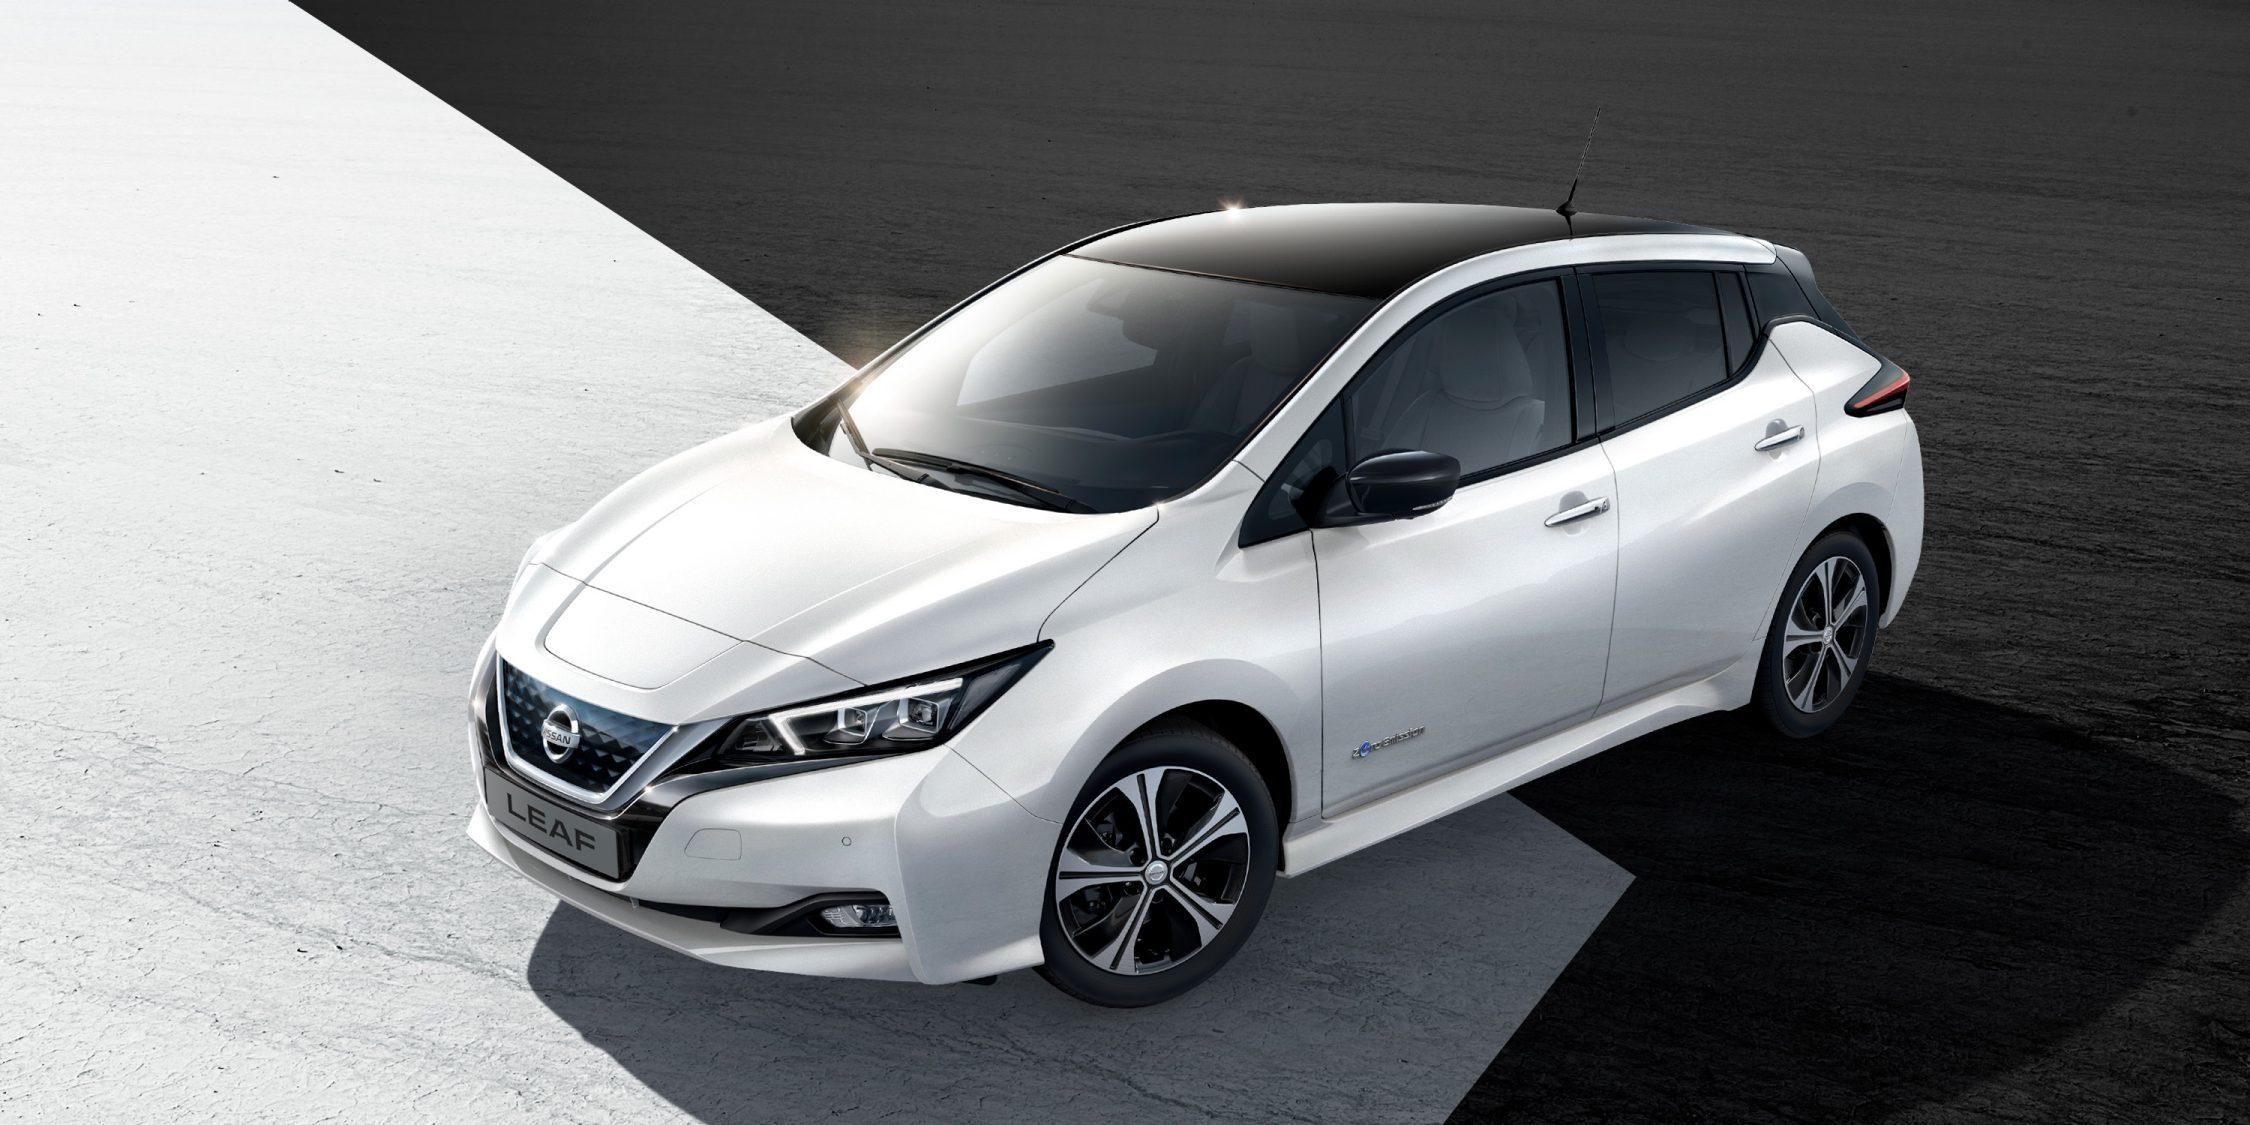 De nieuwe Nissan LEAF geparkeerd met lichten aan en zwarte en witte graphics eronder